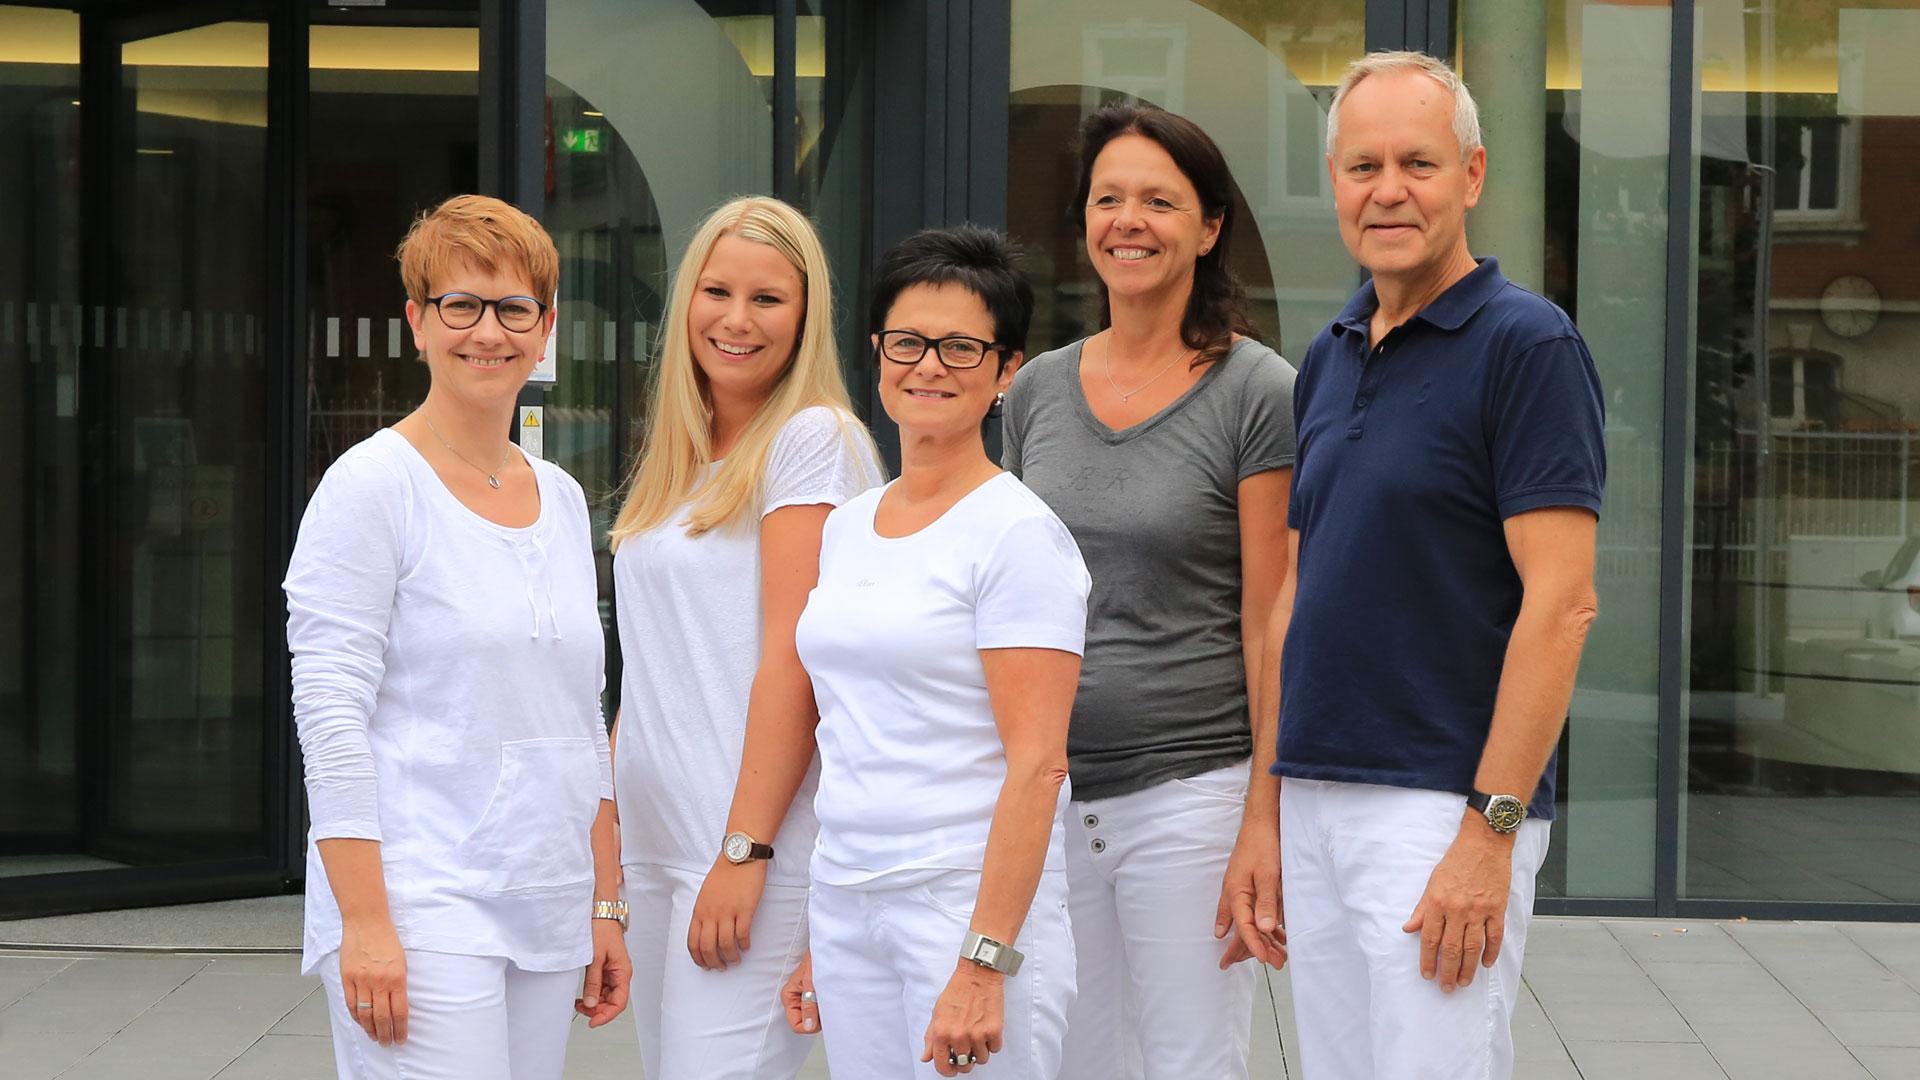 Team der Orthopädiepraxis Werner Menzler in Schweinfurt